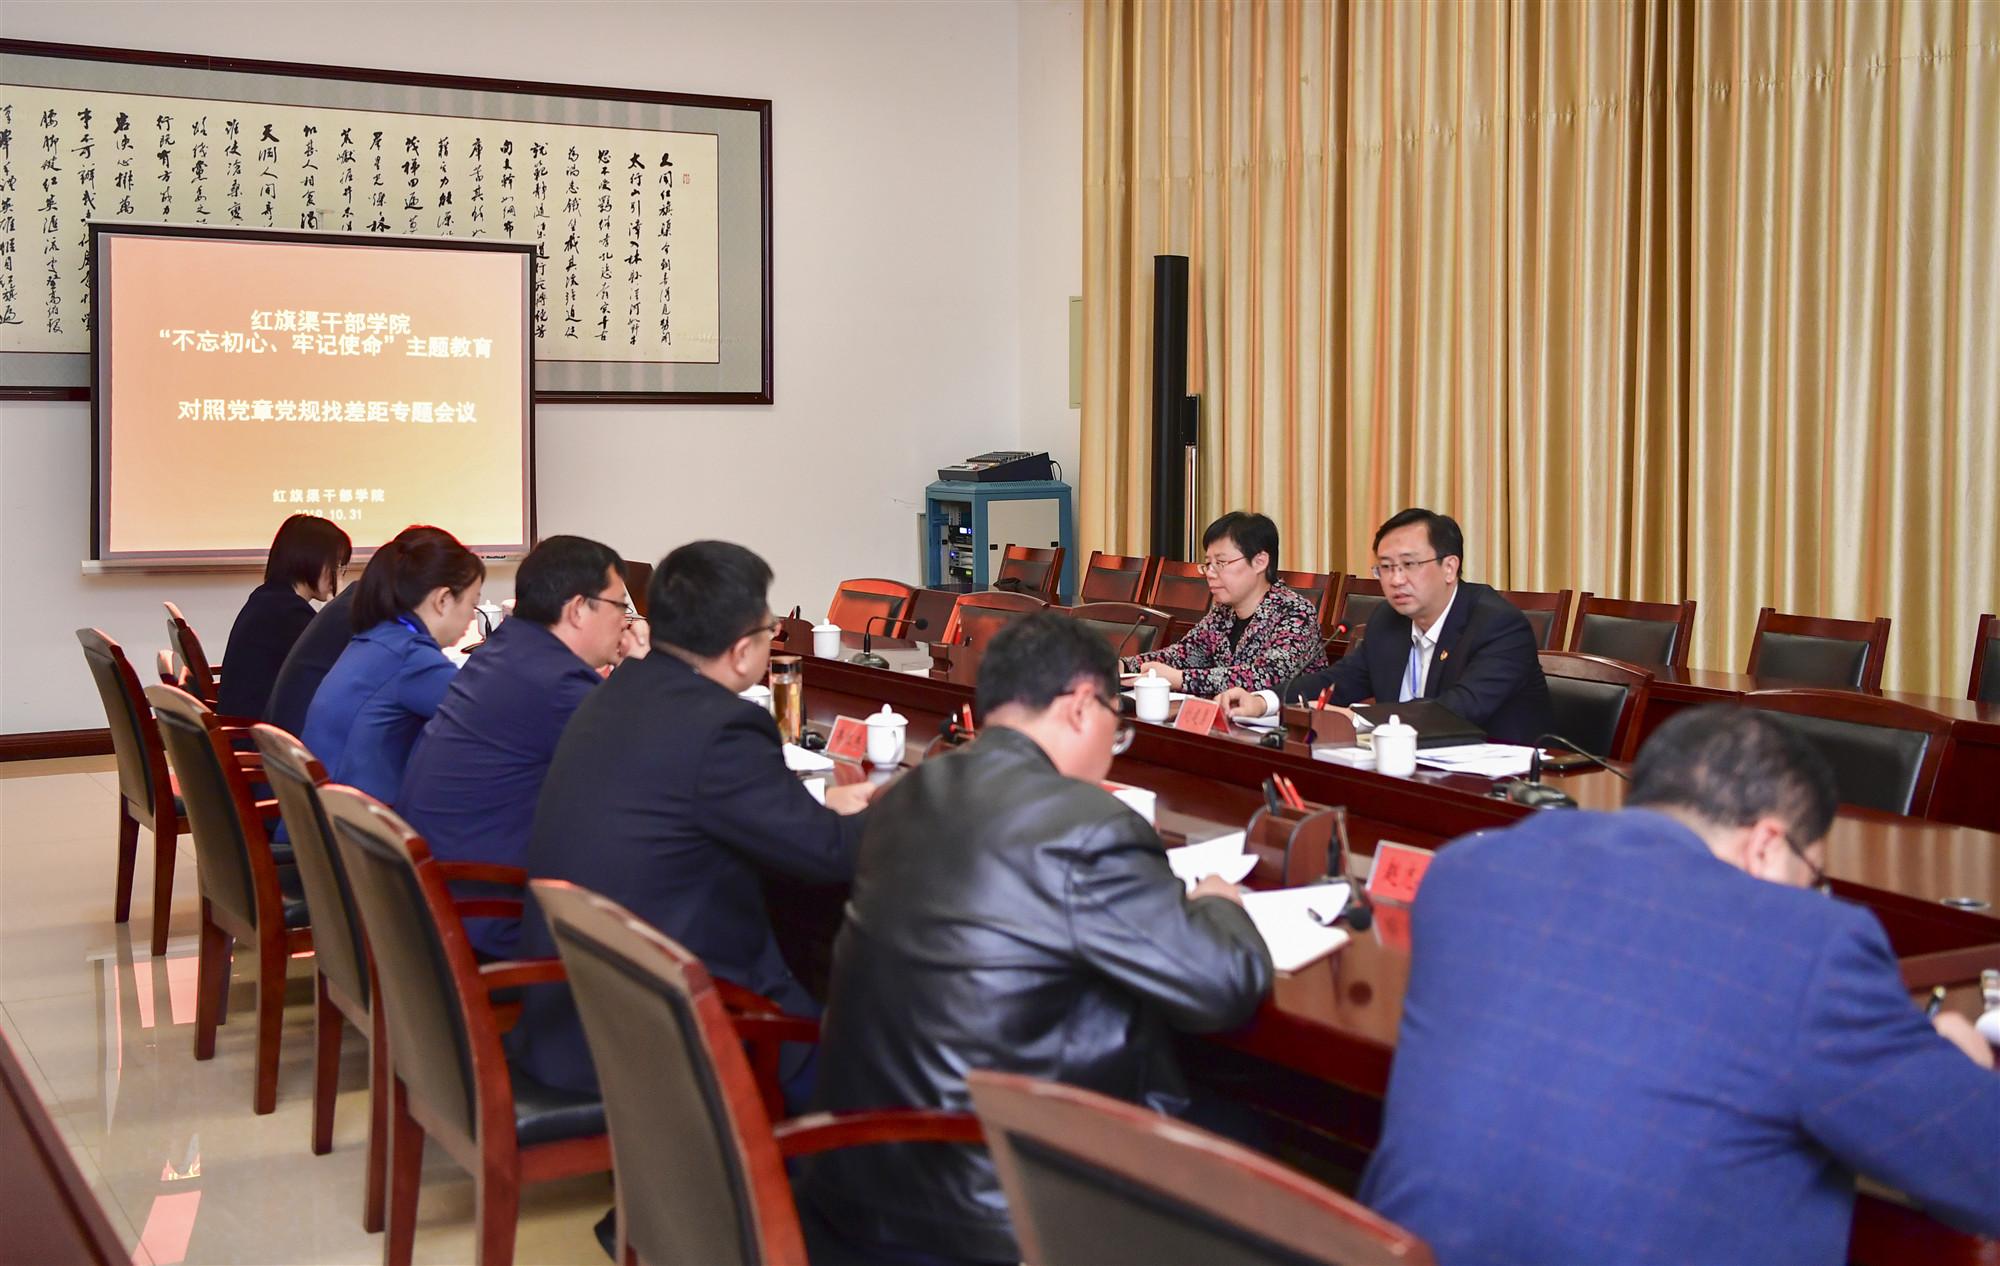 红旗渠干部学院召开对照党章党规找差距专题会议